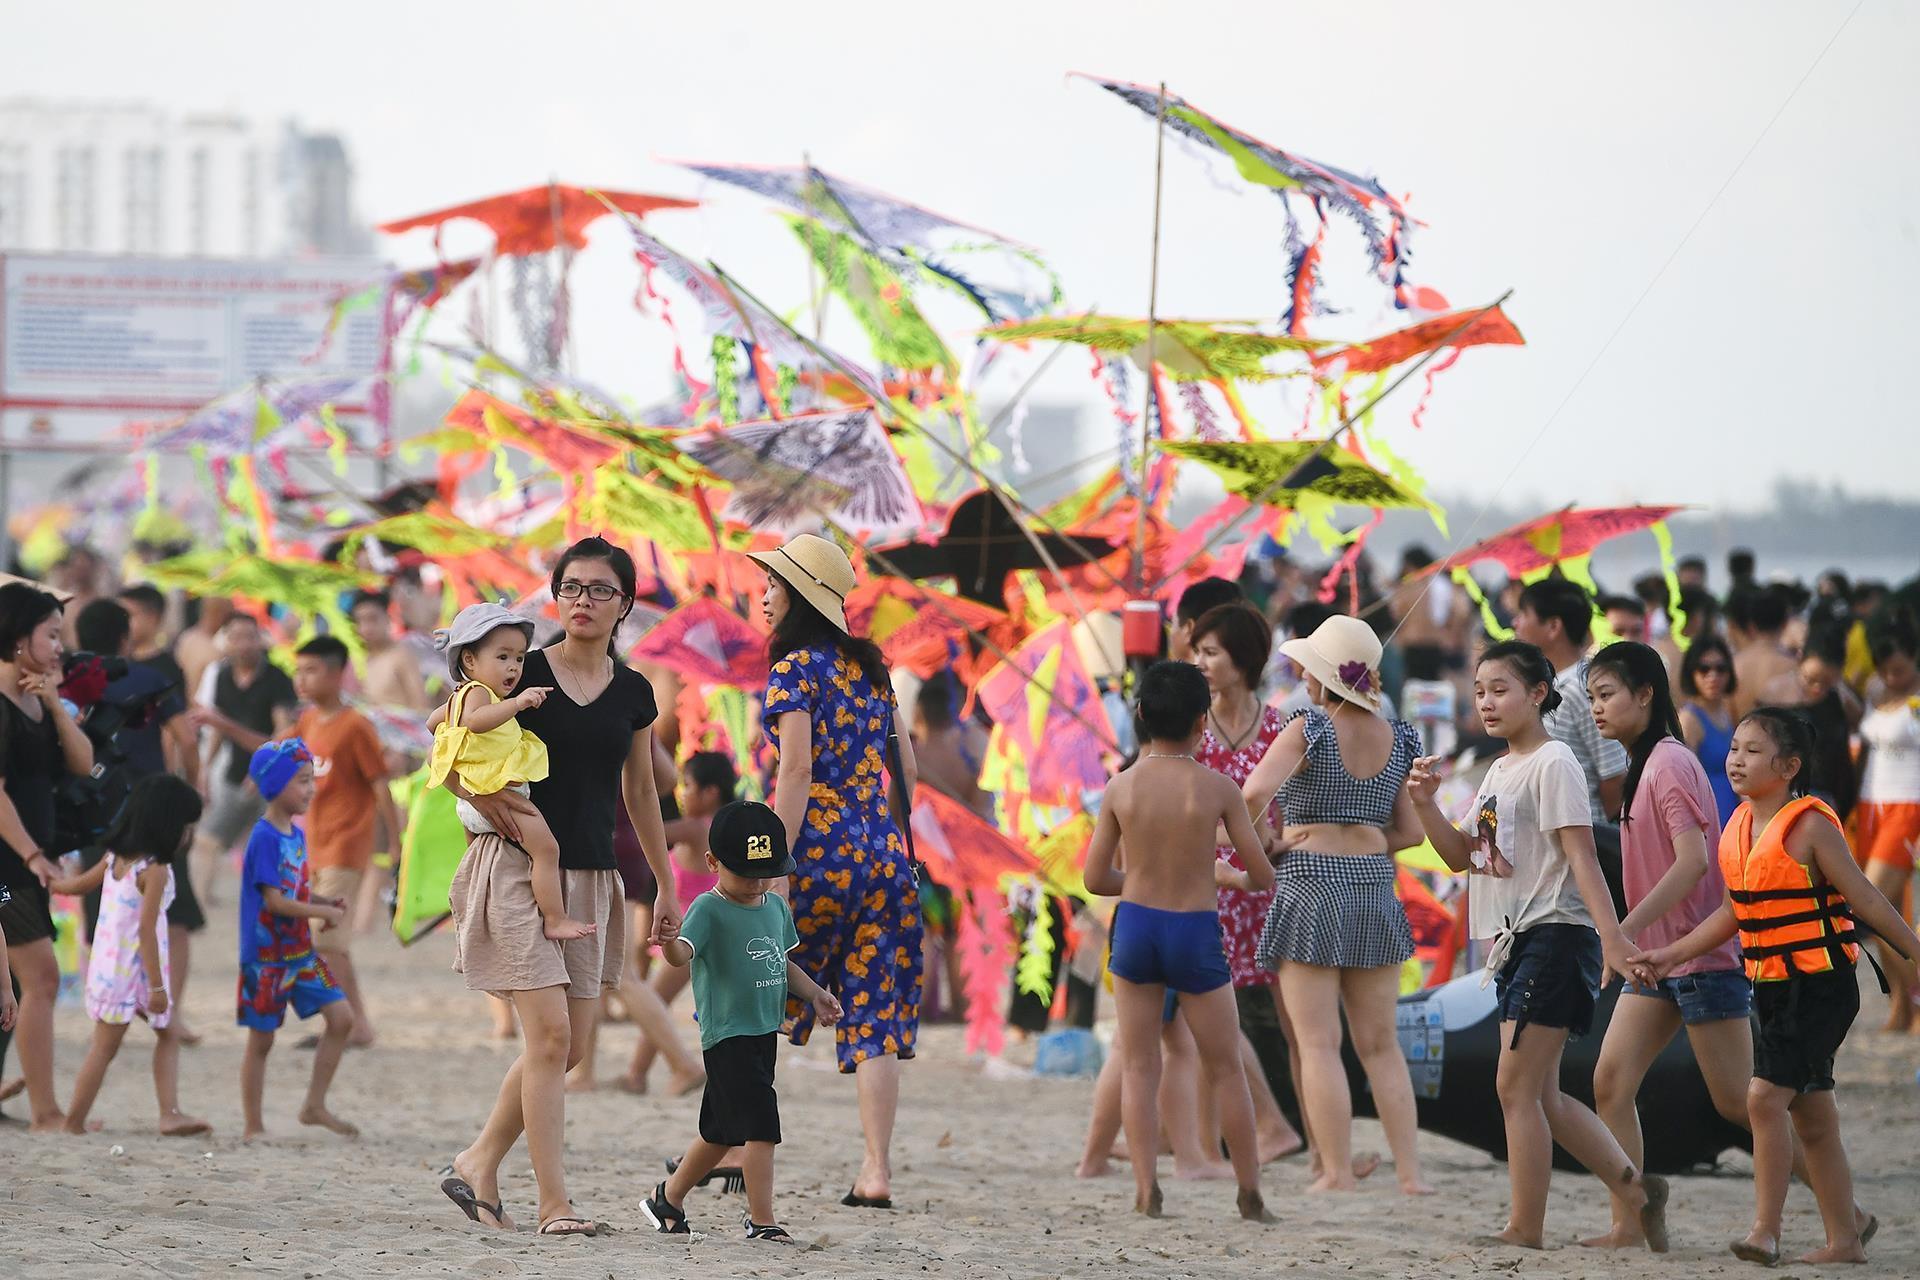 Hàng trăm nghìn người nhảy sóng ở bãi biển nước đục ngầu Ảnh 1